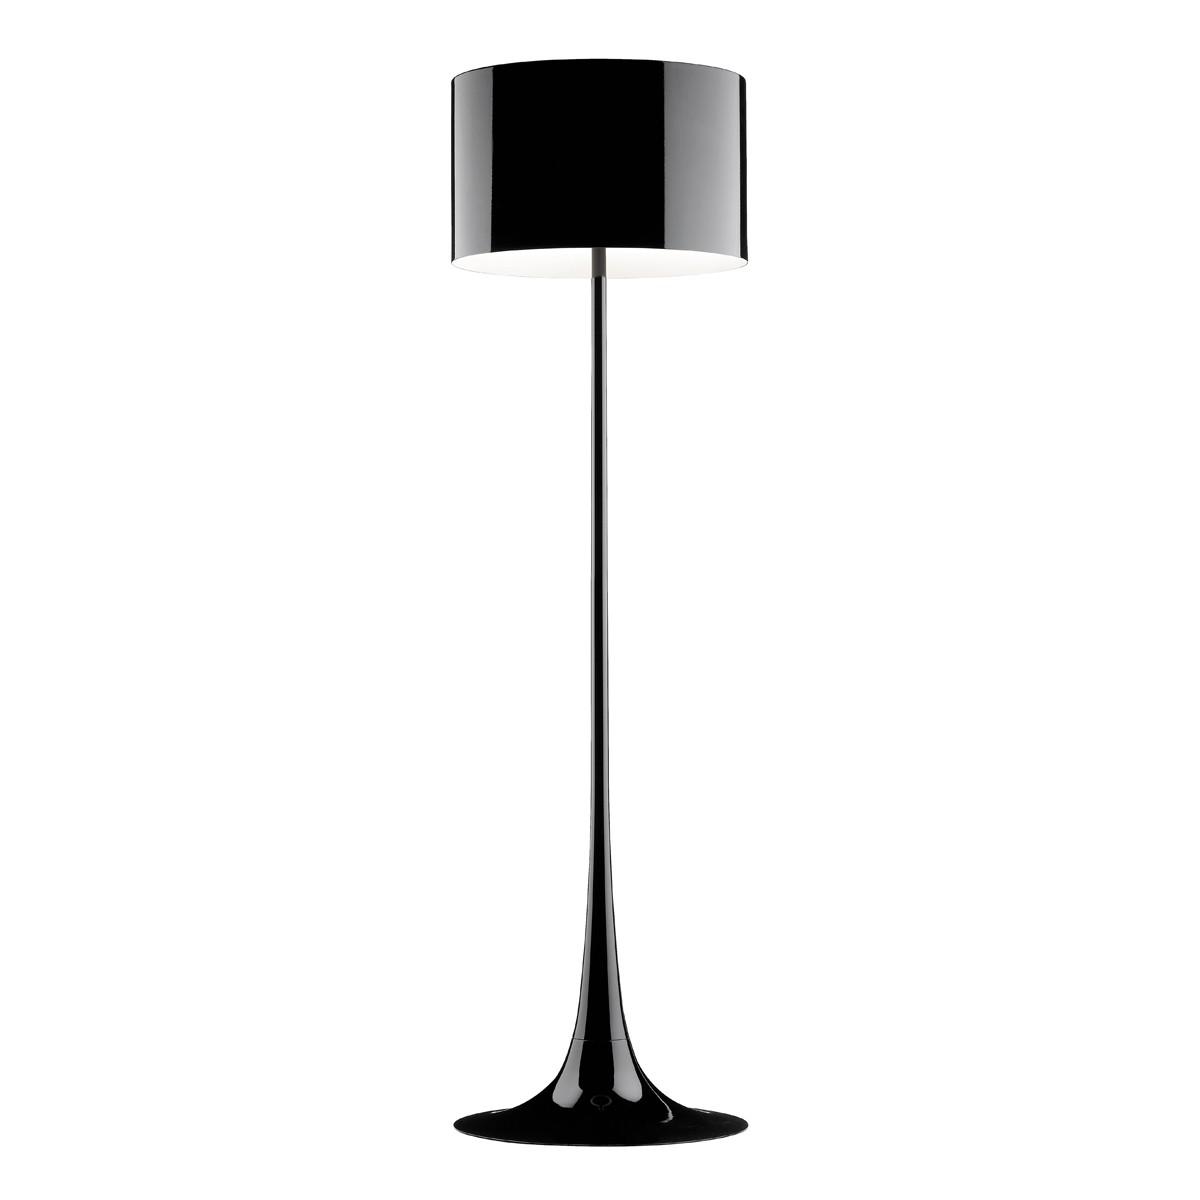 Flos Spun Light F Stehleuchte, schwarz glänzend